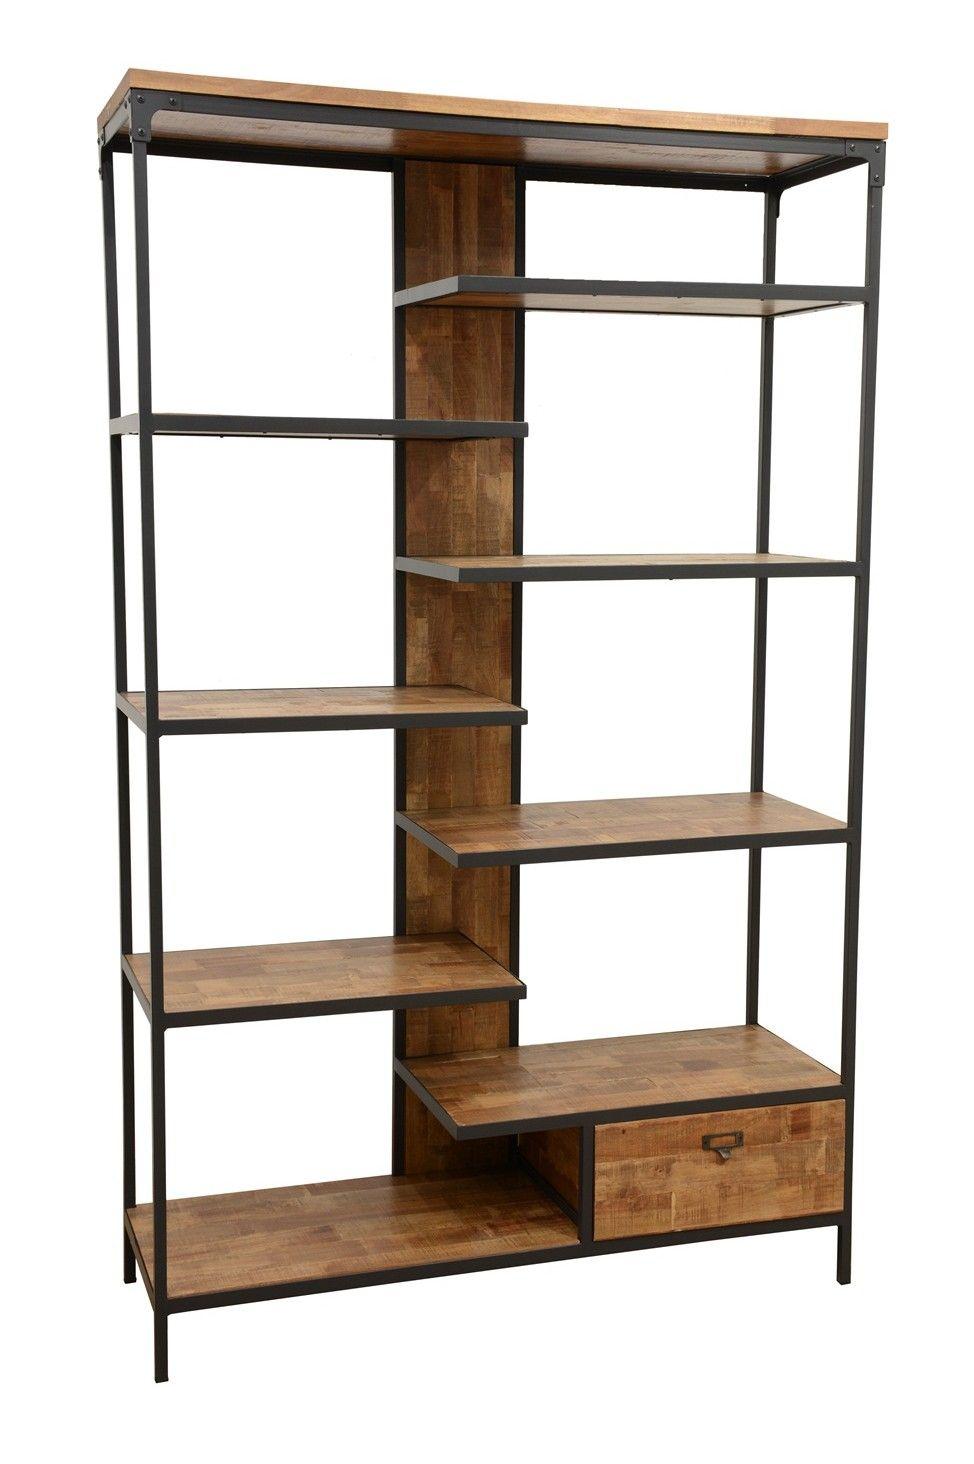 Bibliotheque 1 Tiroir 8 Etages En Quinconce En Hevea Recycle Naturel Et Metal 120x40x195cm Loft Etagere En Fer Etagere En Fer Forge Etagere